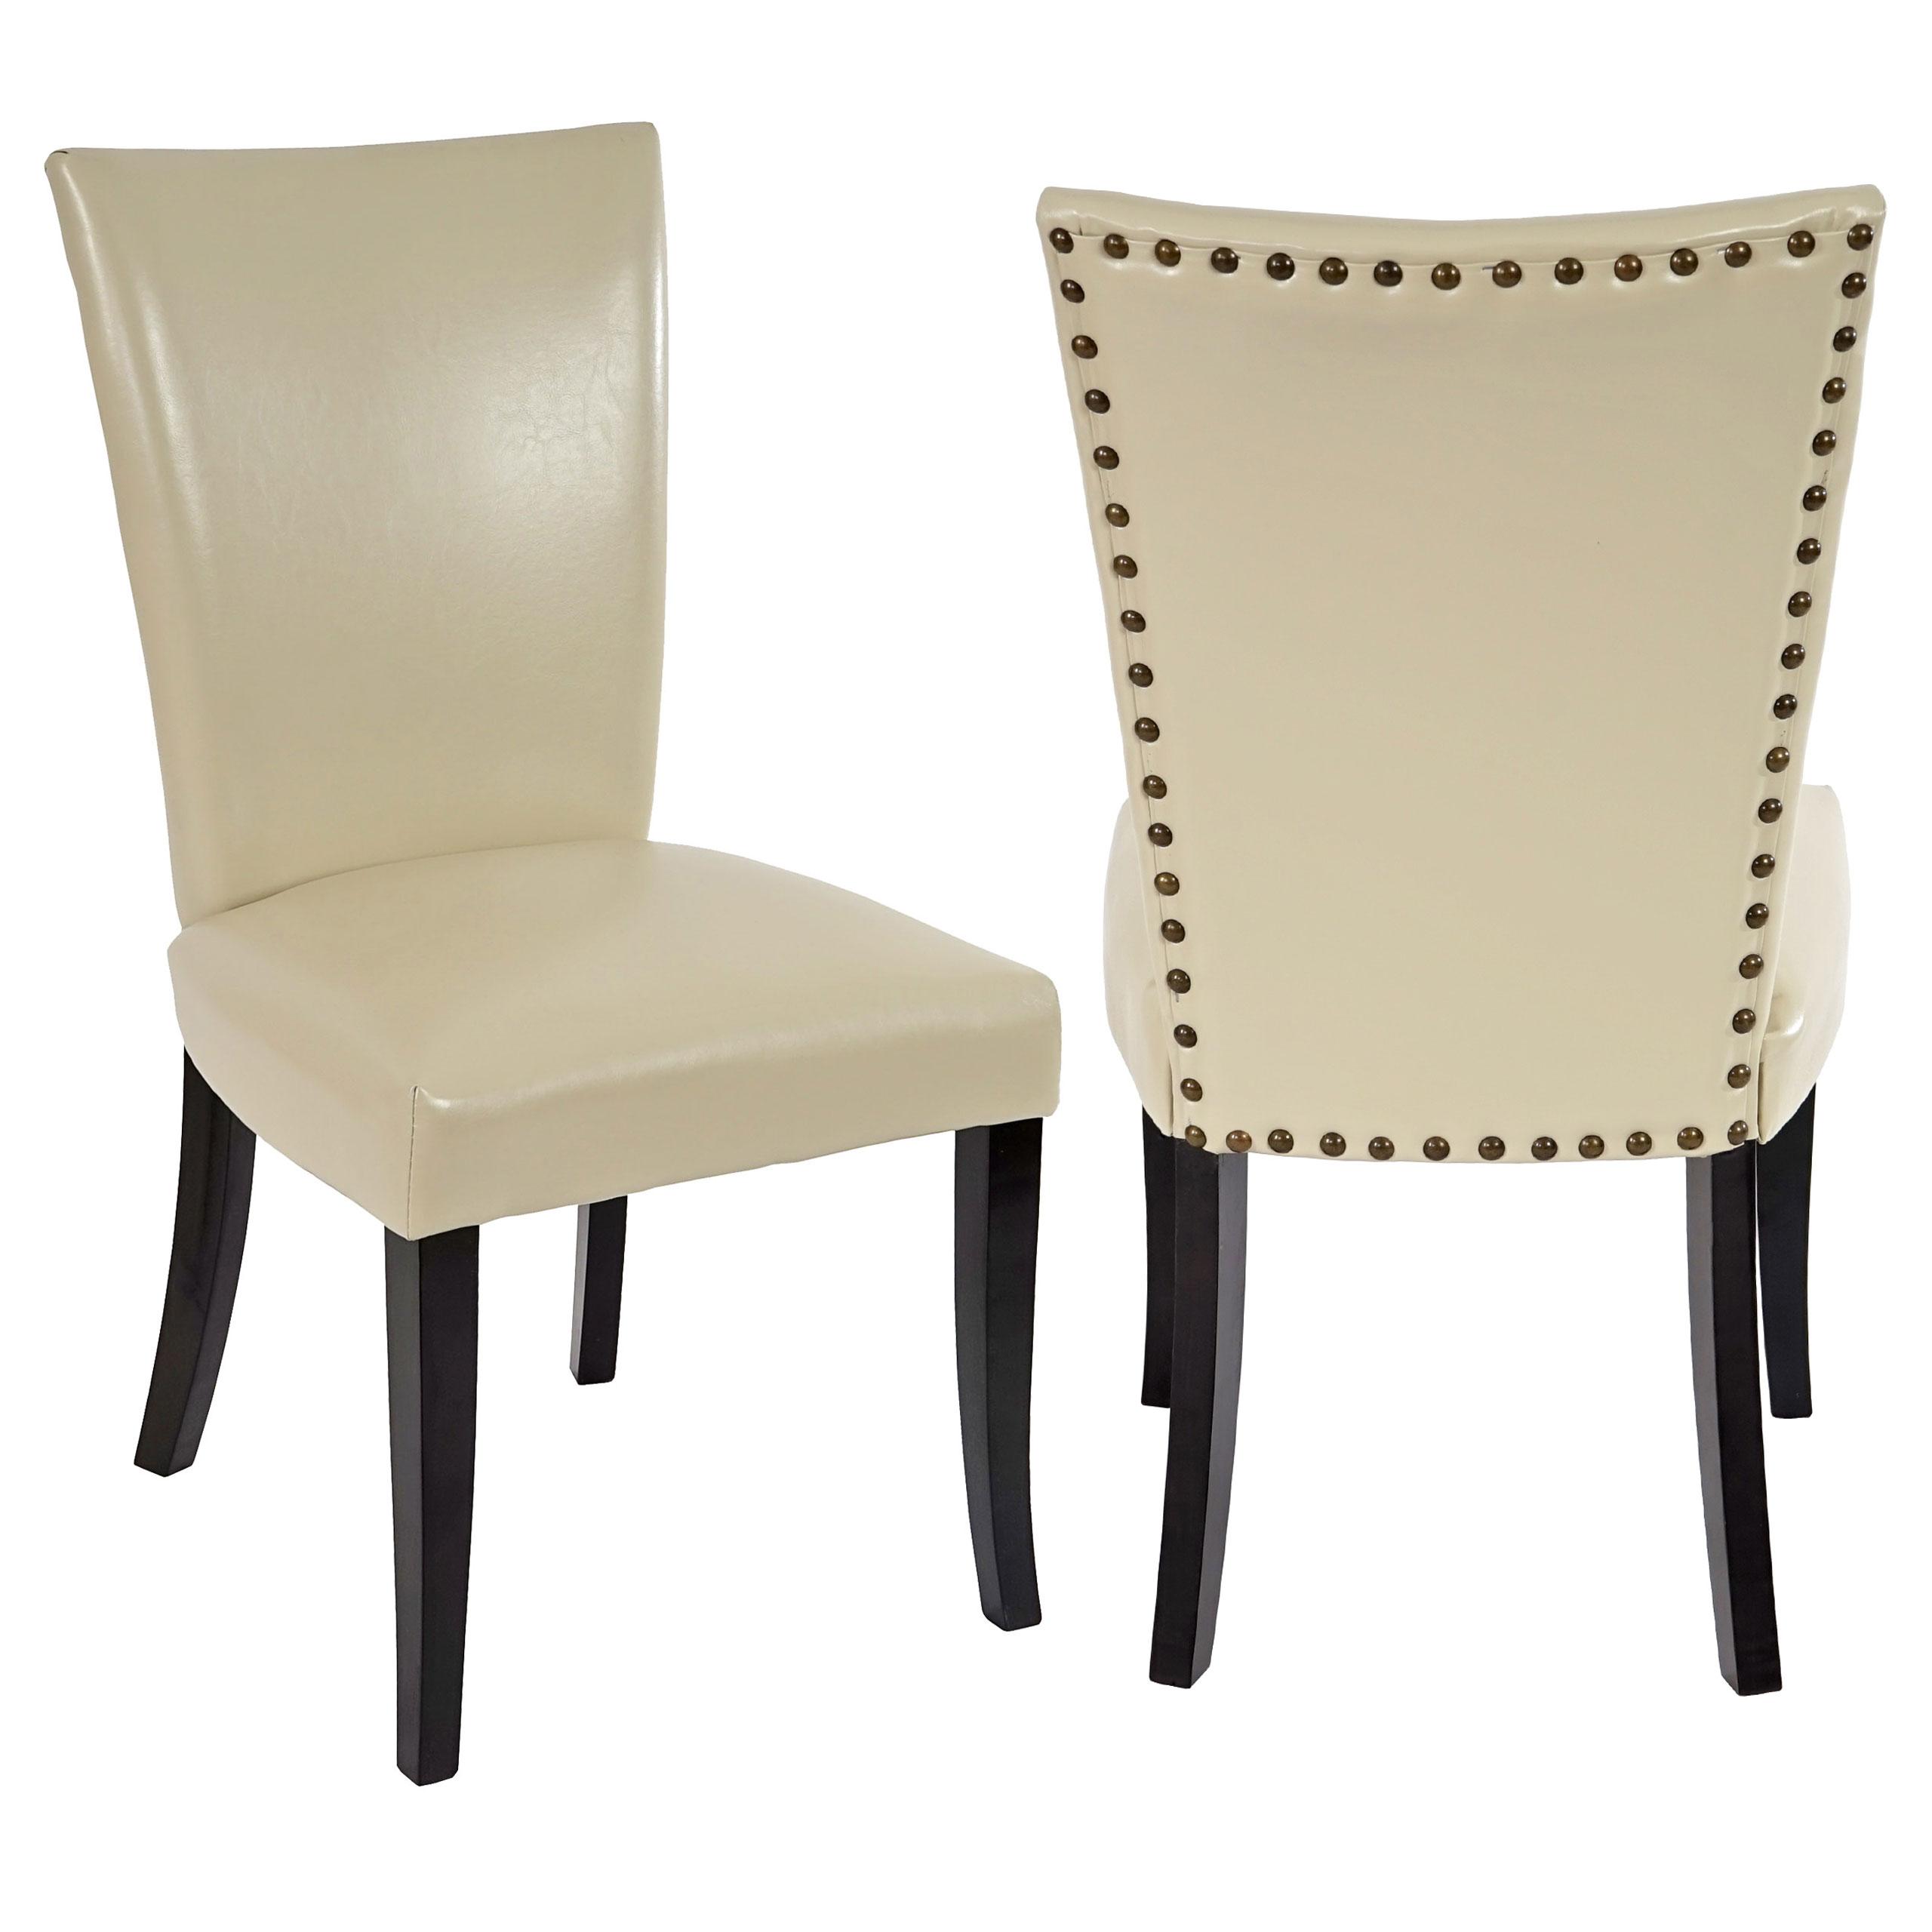 2x esszimmerstuhl chesterfield stuhl lehnstuhl nieten kunstleder creme dunkle beine - Chesterfield stuhl ...